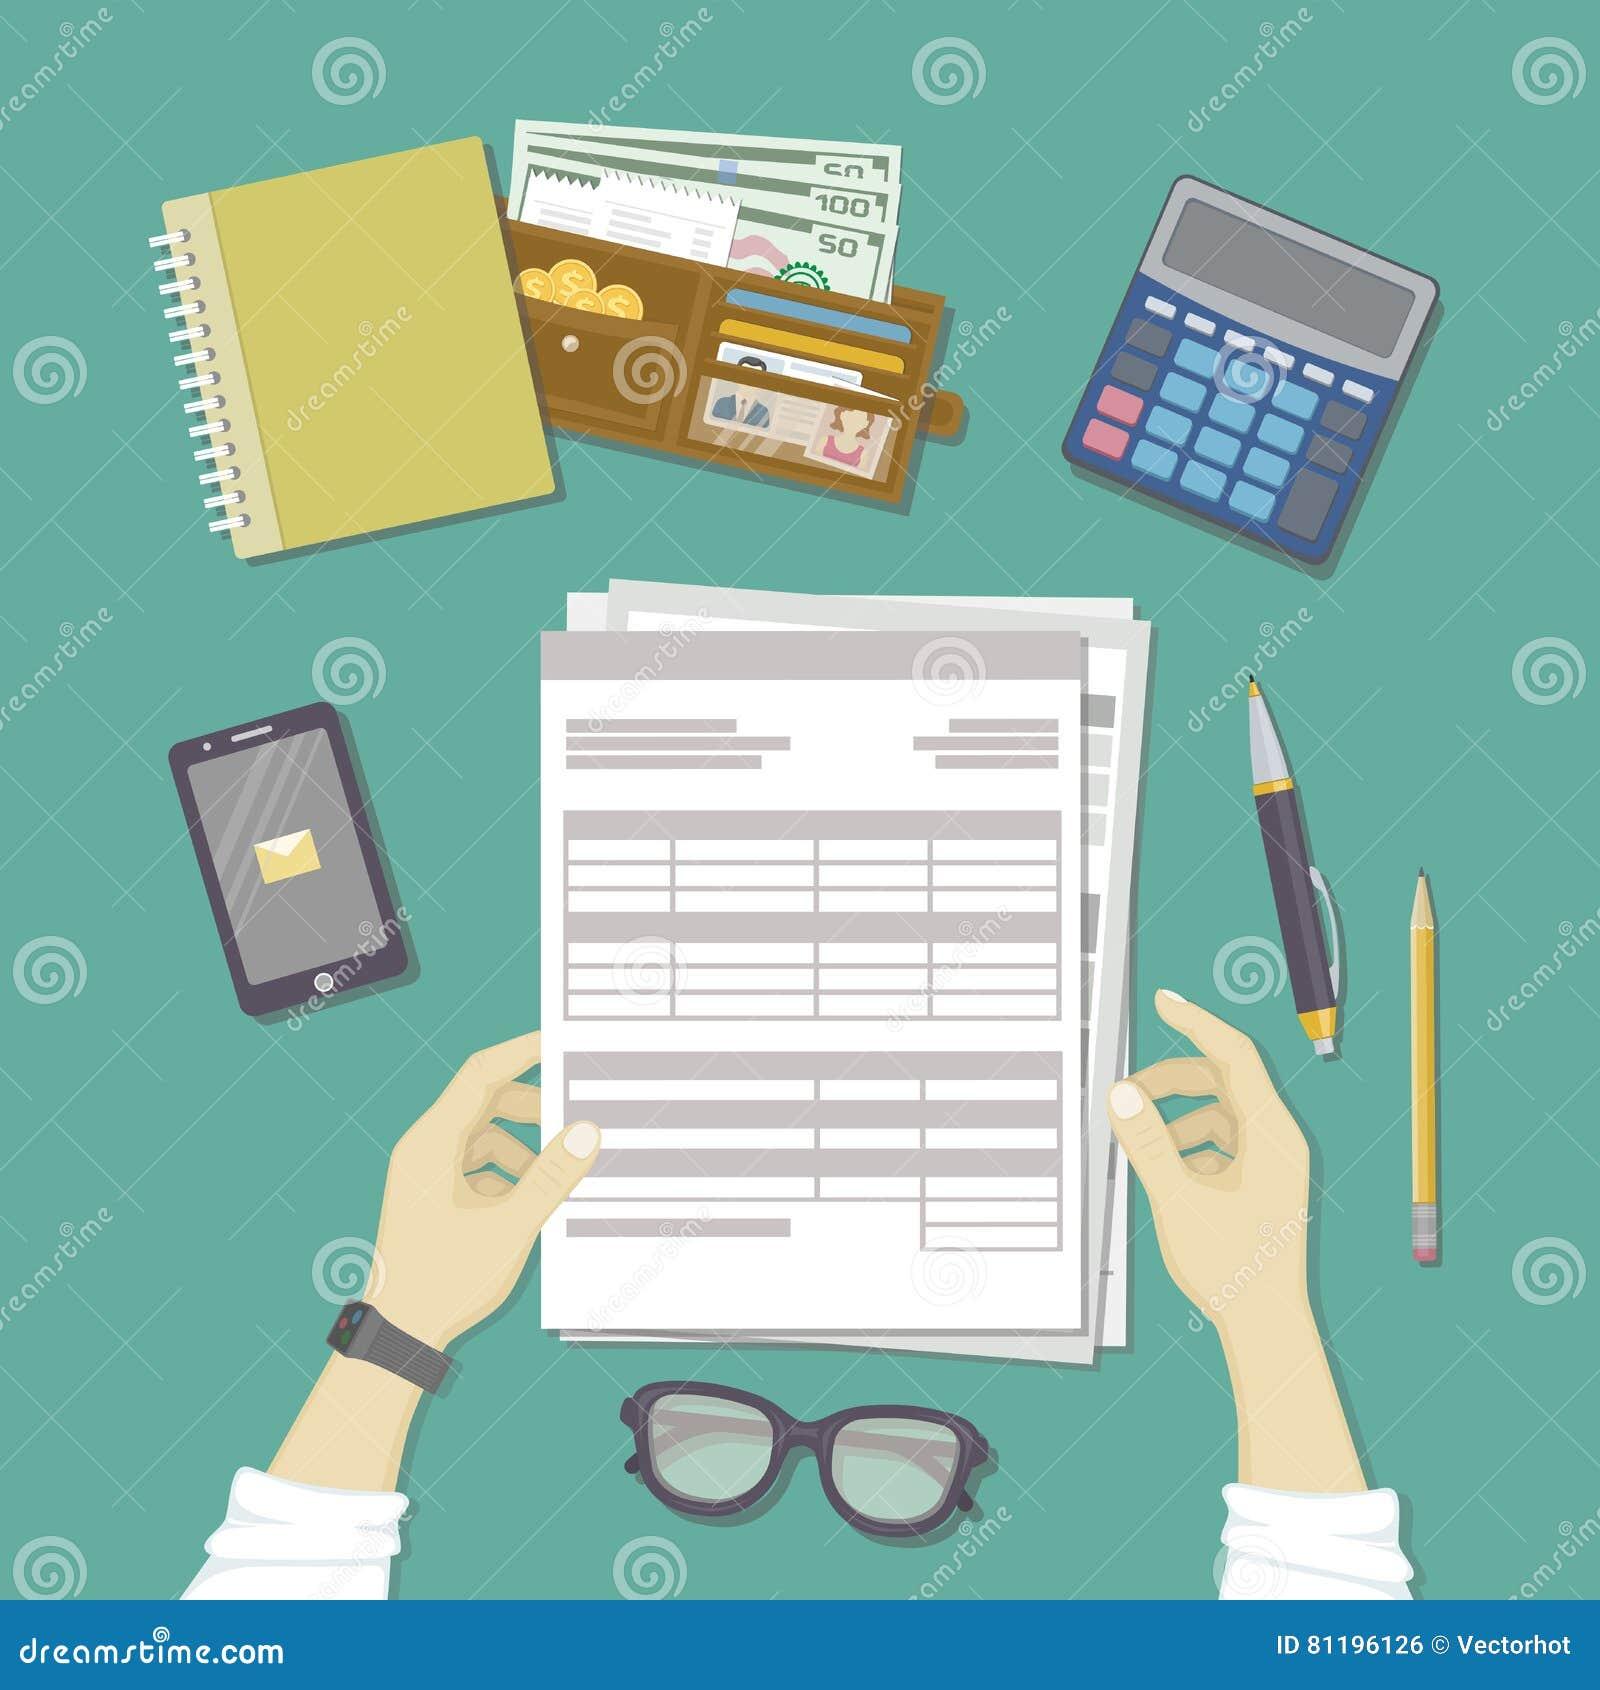 Homem  trabalho com originais As mãos humanas guardam as contas, folha de pagamento, formulário de imposto Local de trabalho com